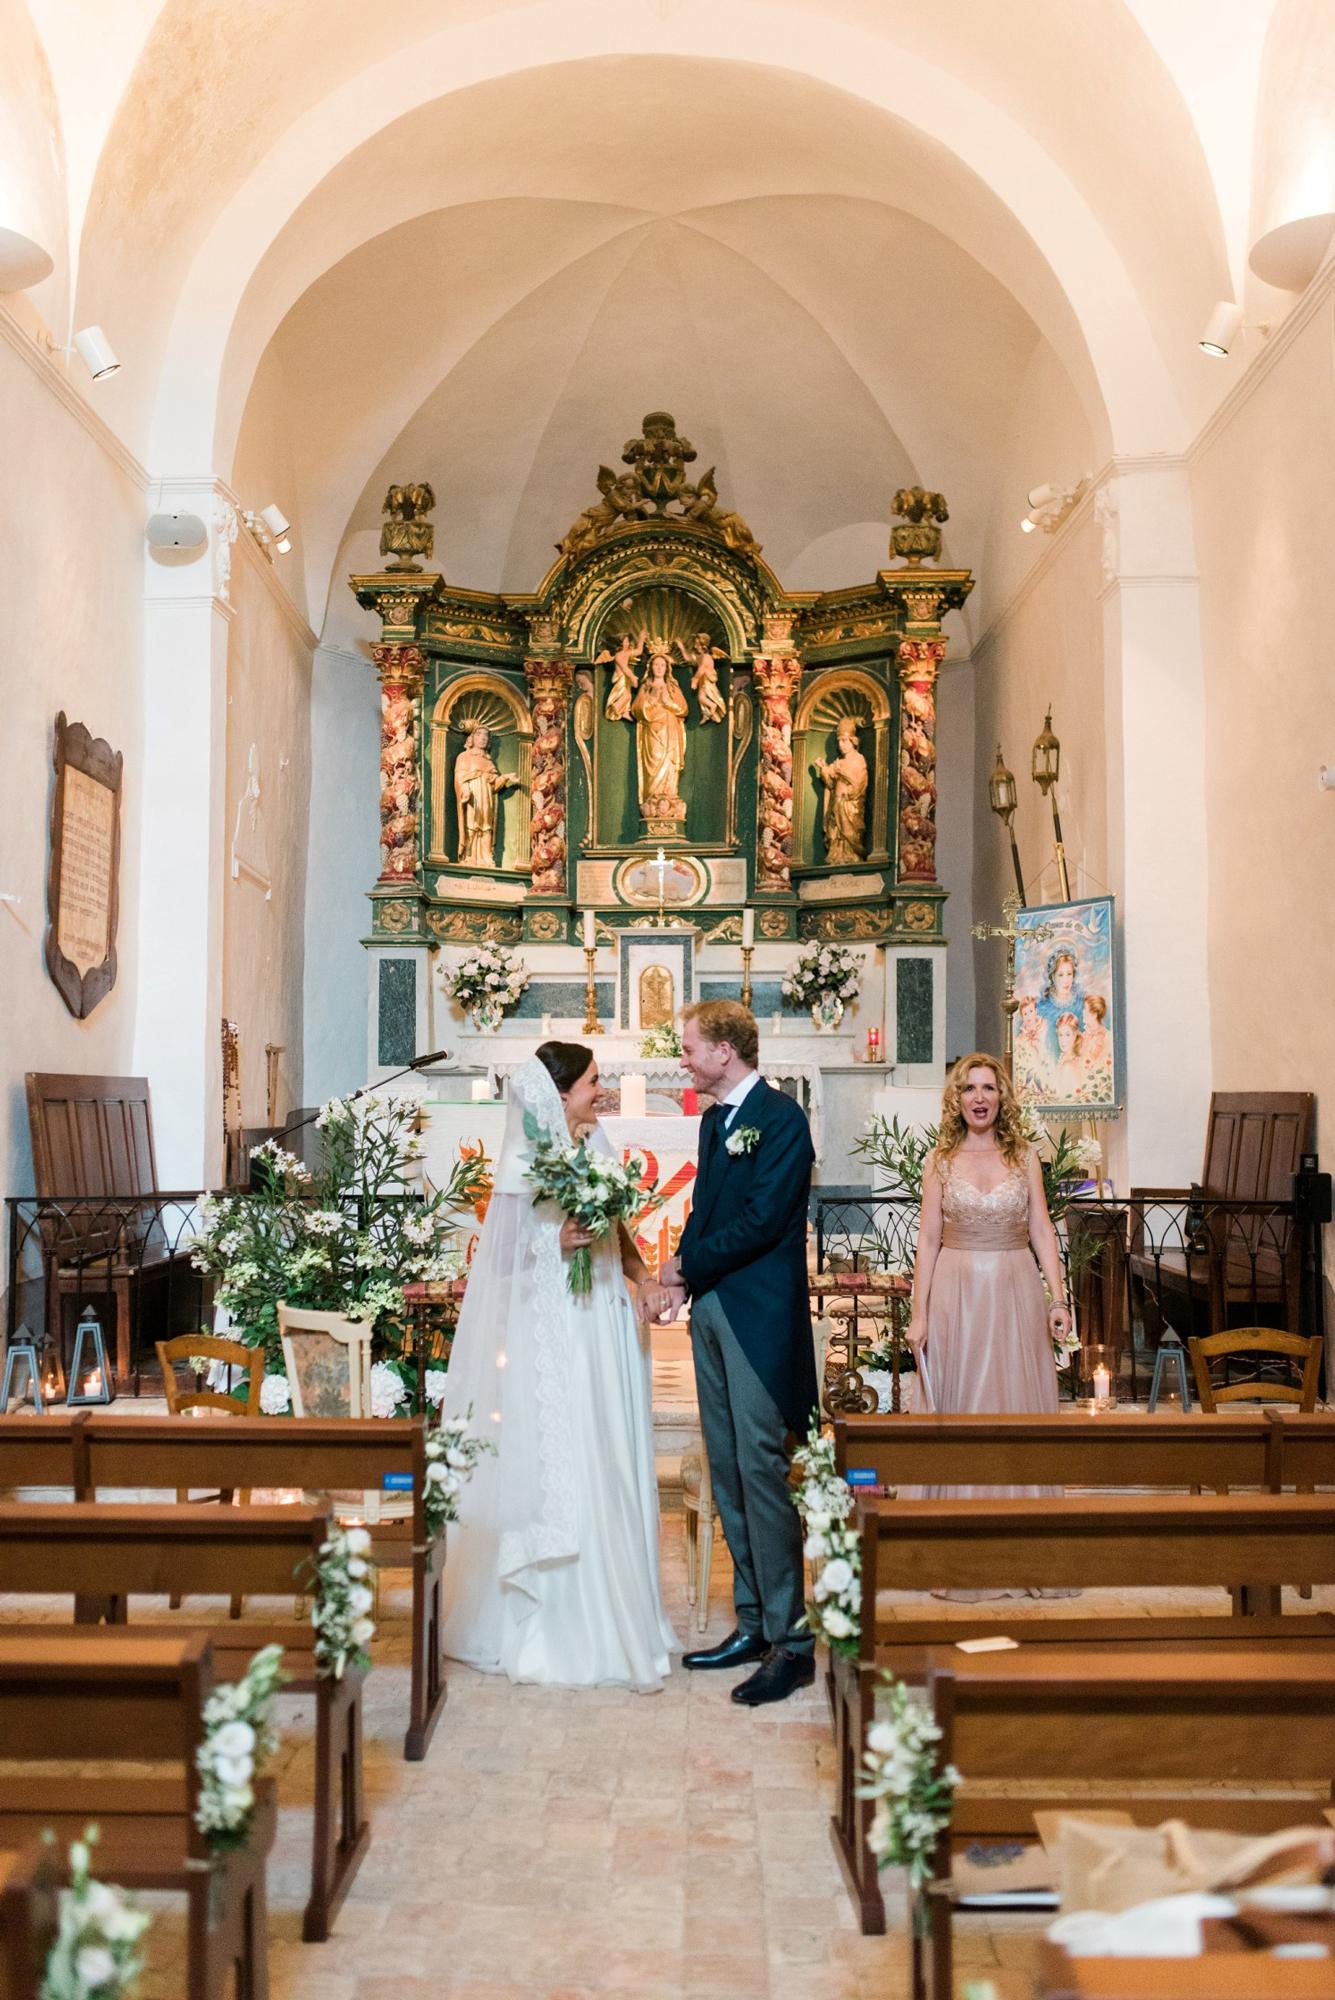 aria ceremonie de mariage chanteuse messe mariage eglise chanteuse lyrique animation liturgique